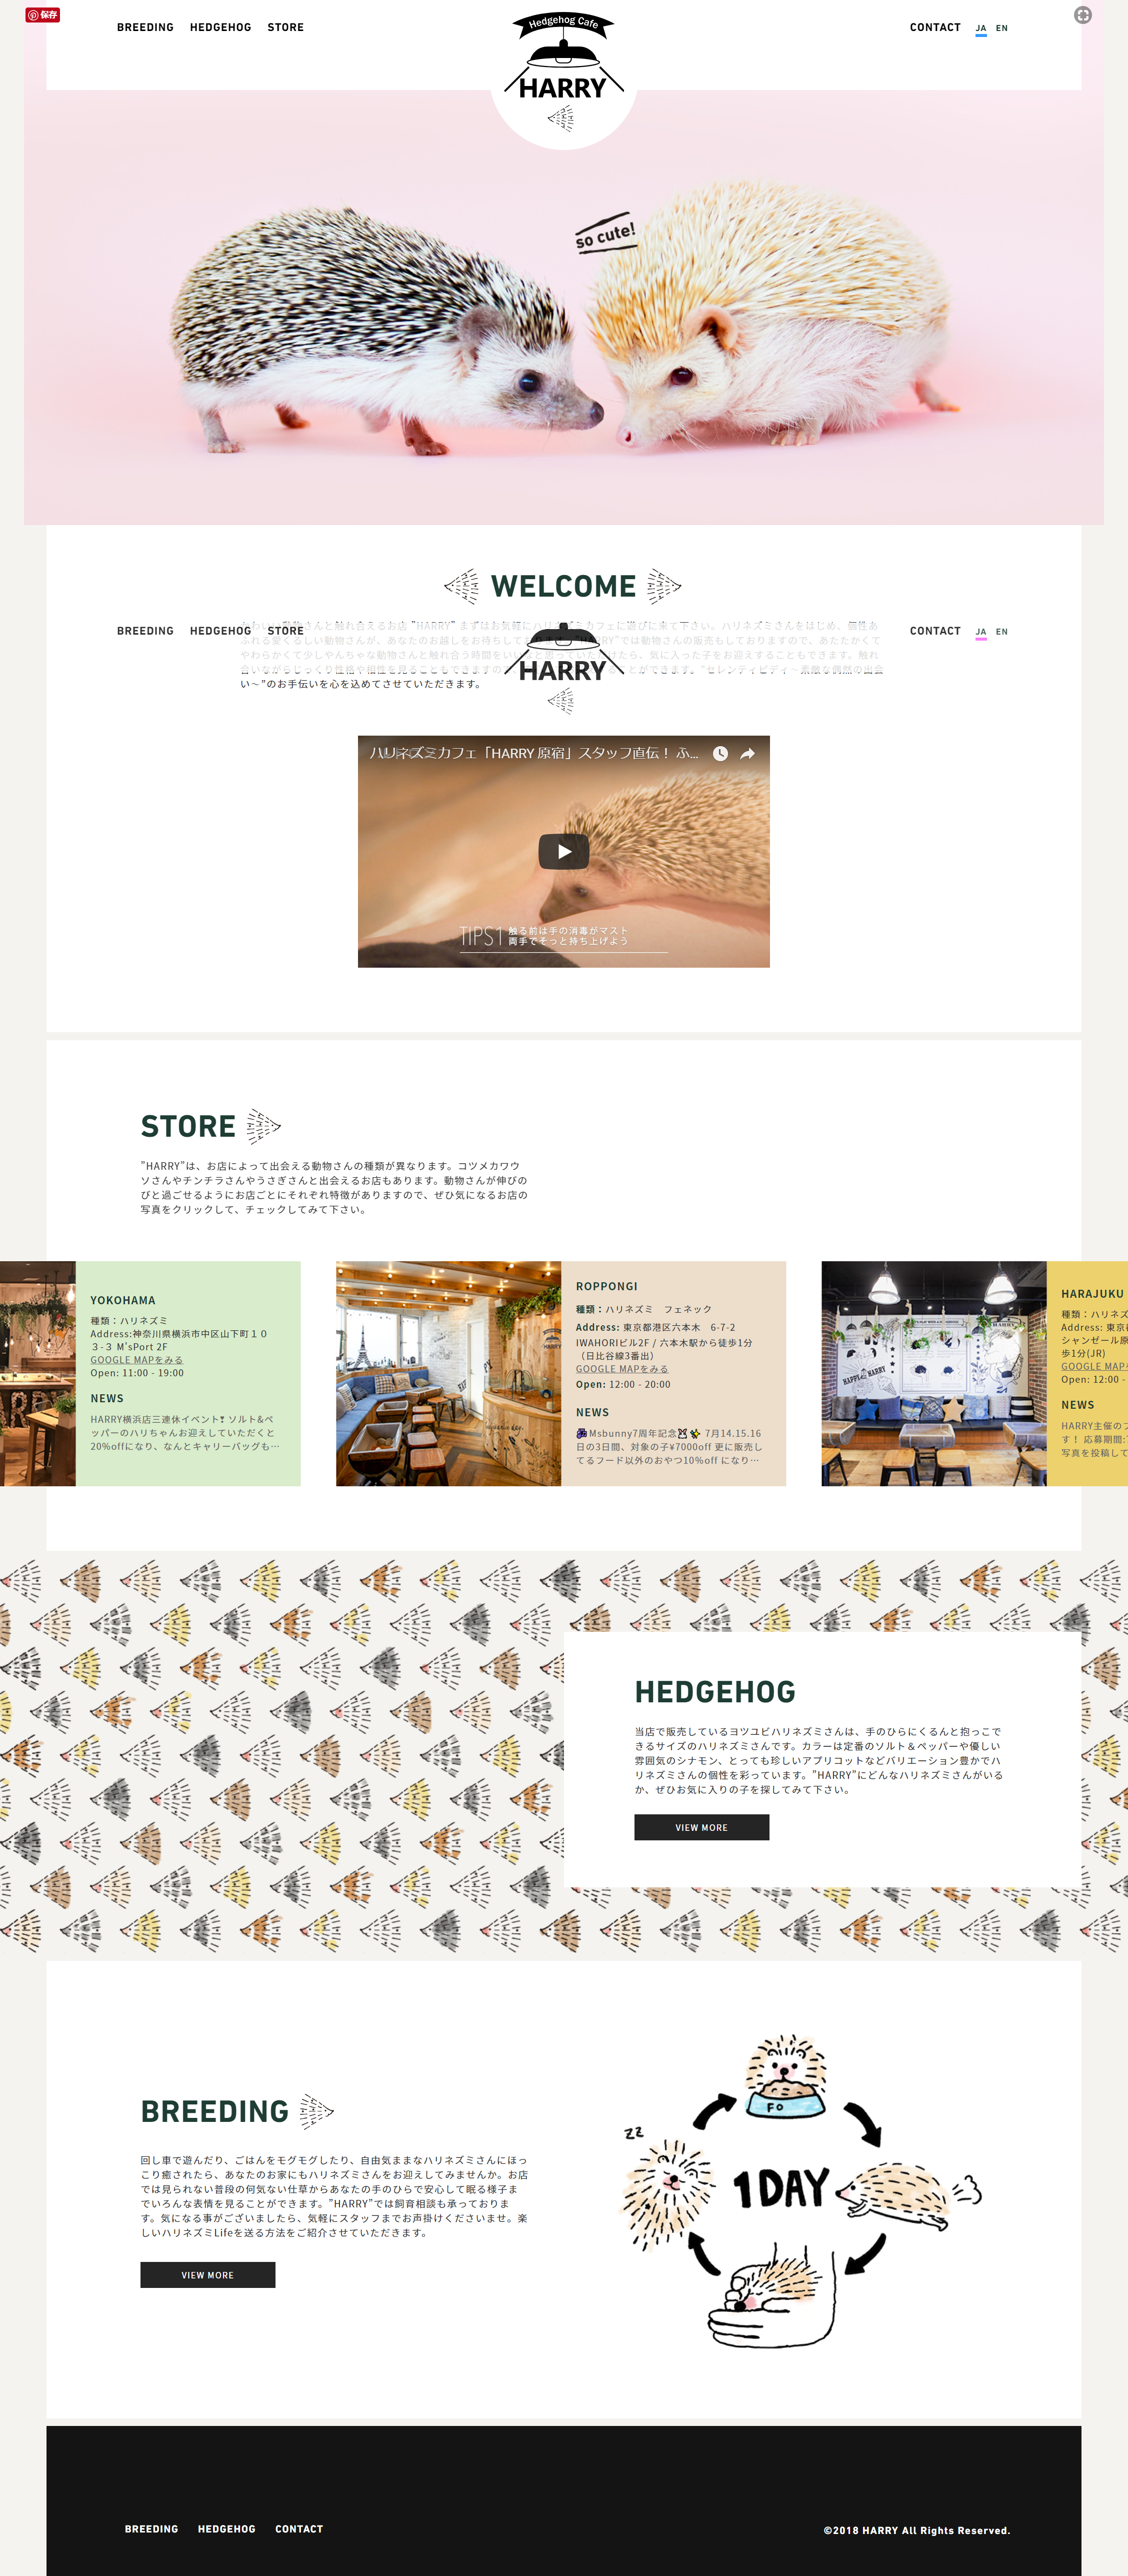 ハリネズミカフェ Harry Lp デザイン ウェブデザイン Webデザイン